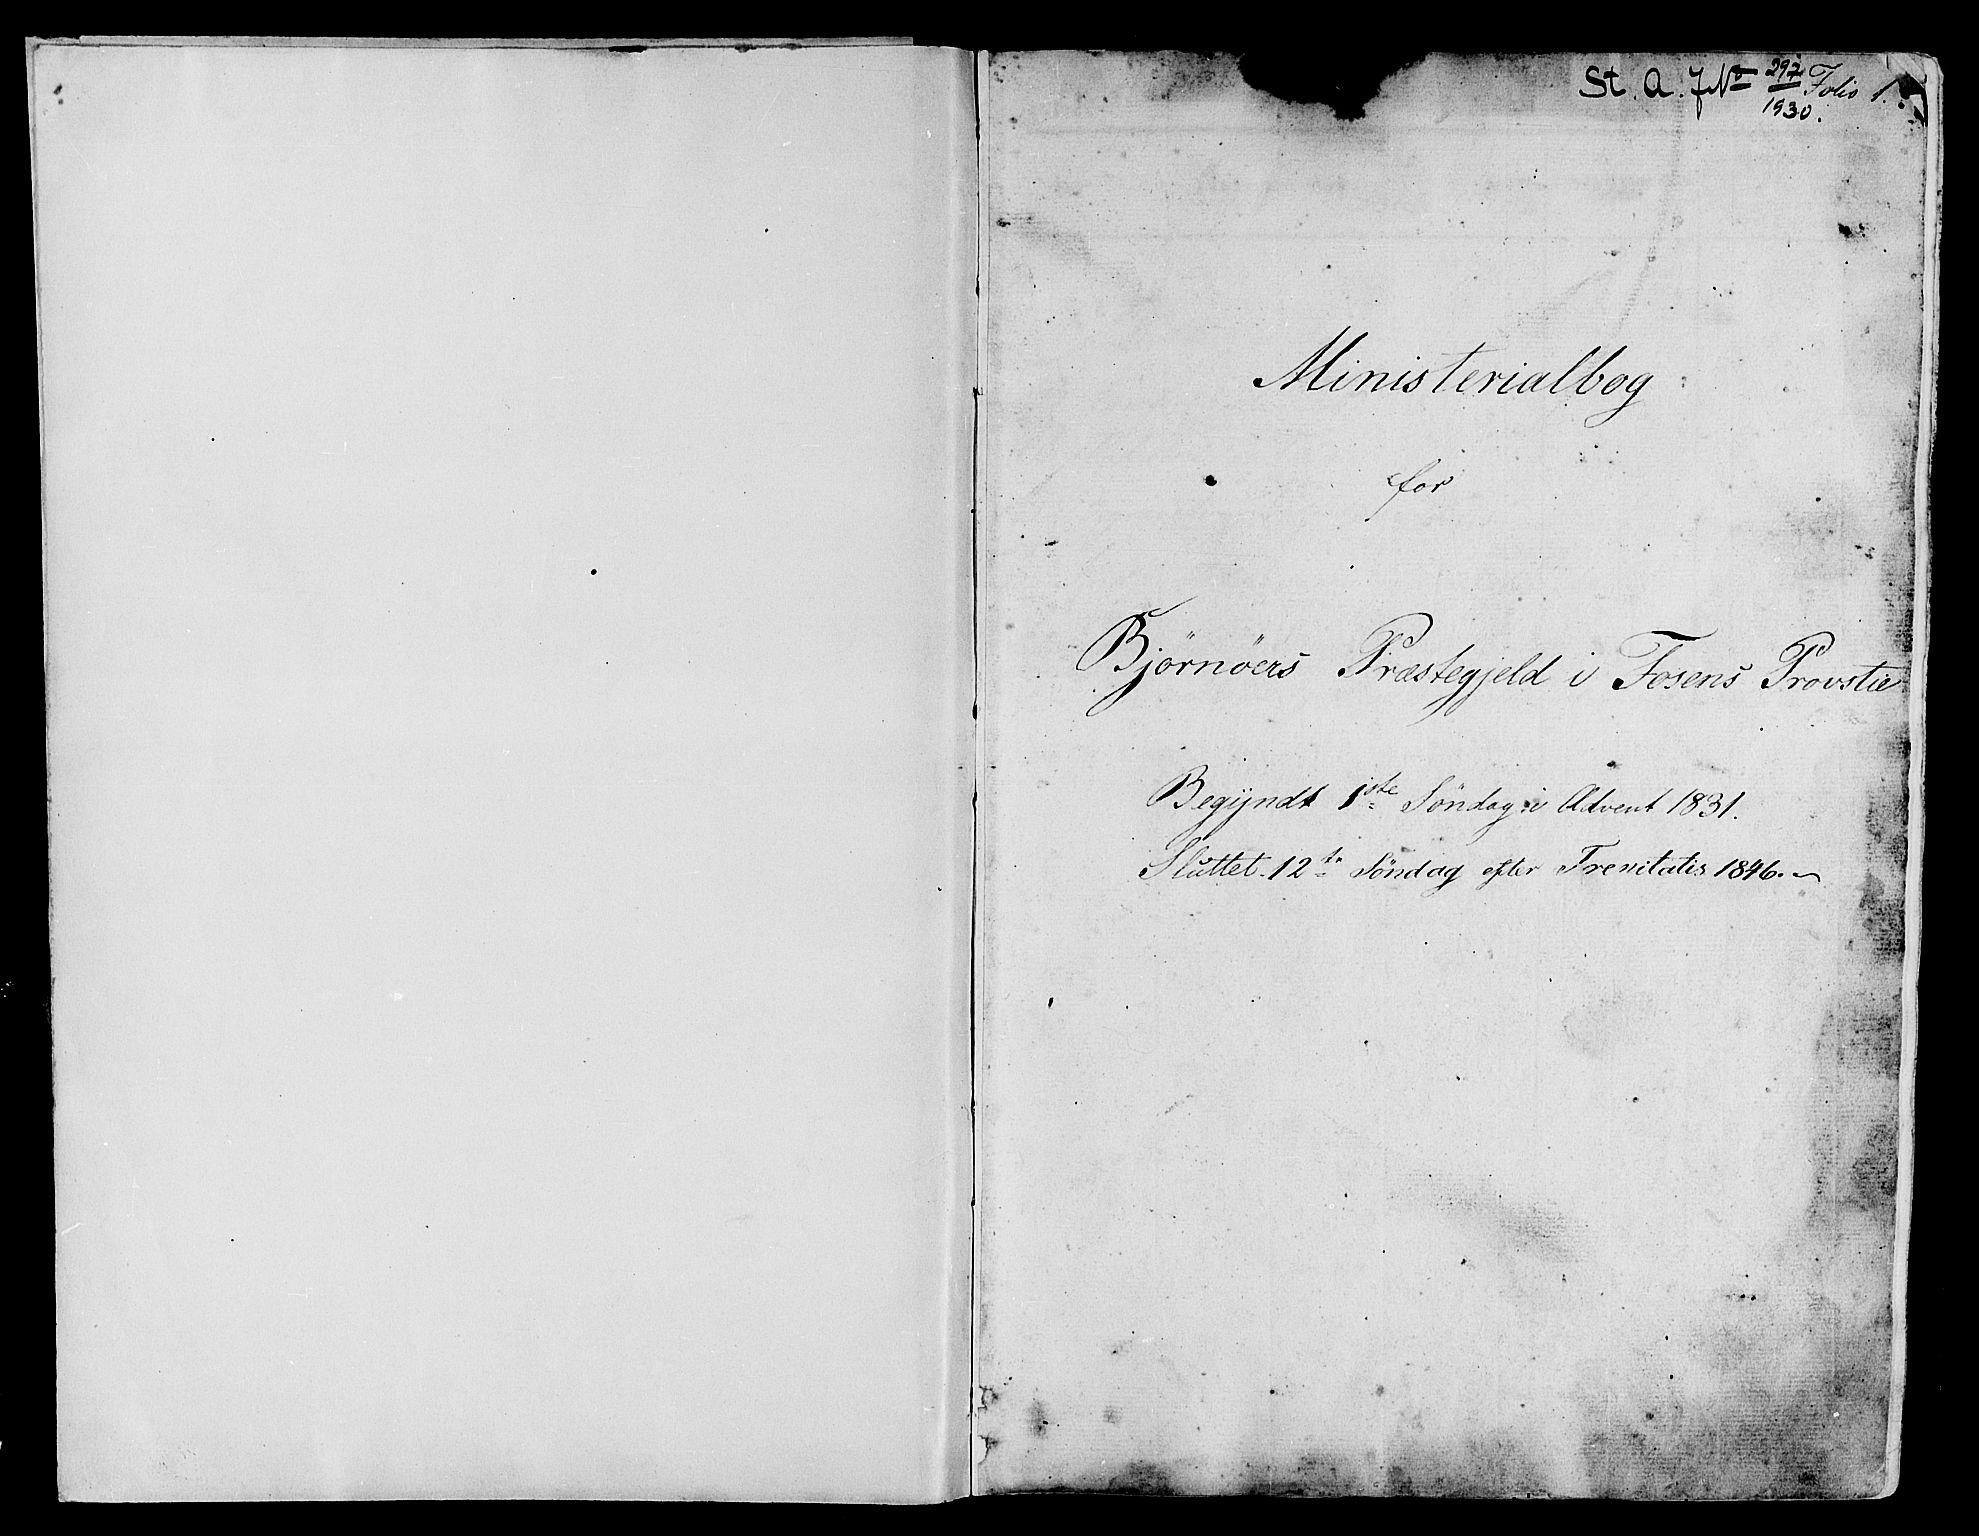 SAT, Ministerialprotokoller, klokkerbøker og fødselsregistre - Sør-Trøndelag, 657/L0703: Ministerialbok nr. 657A04, 1831-1846, s. 1